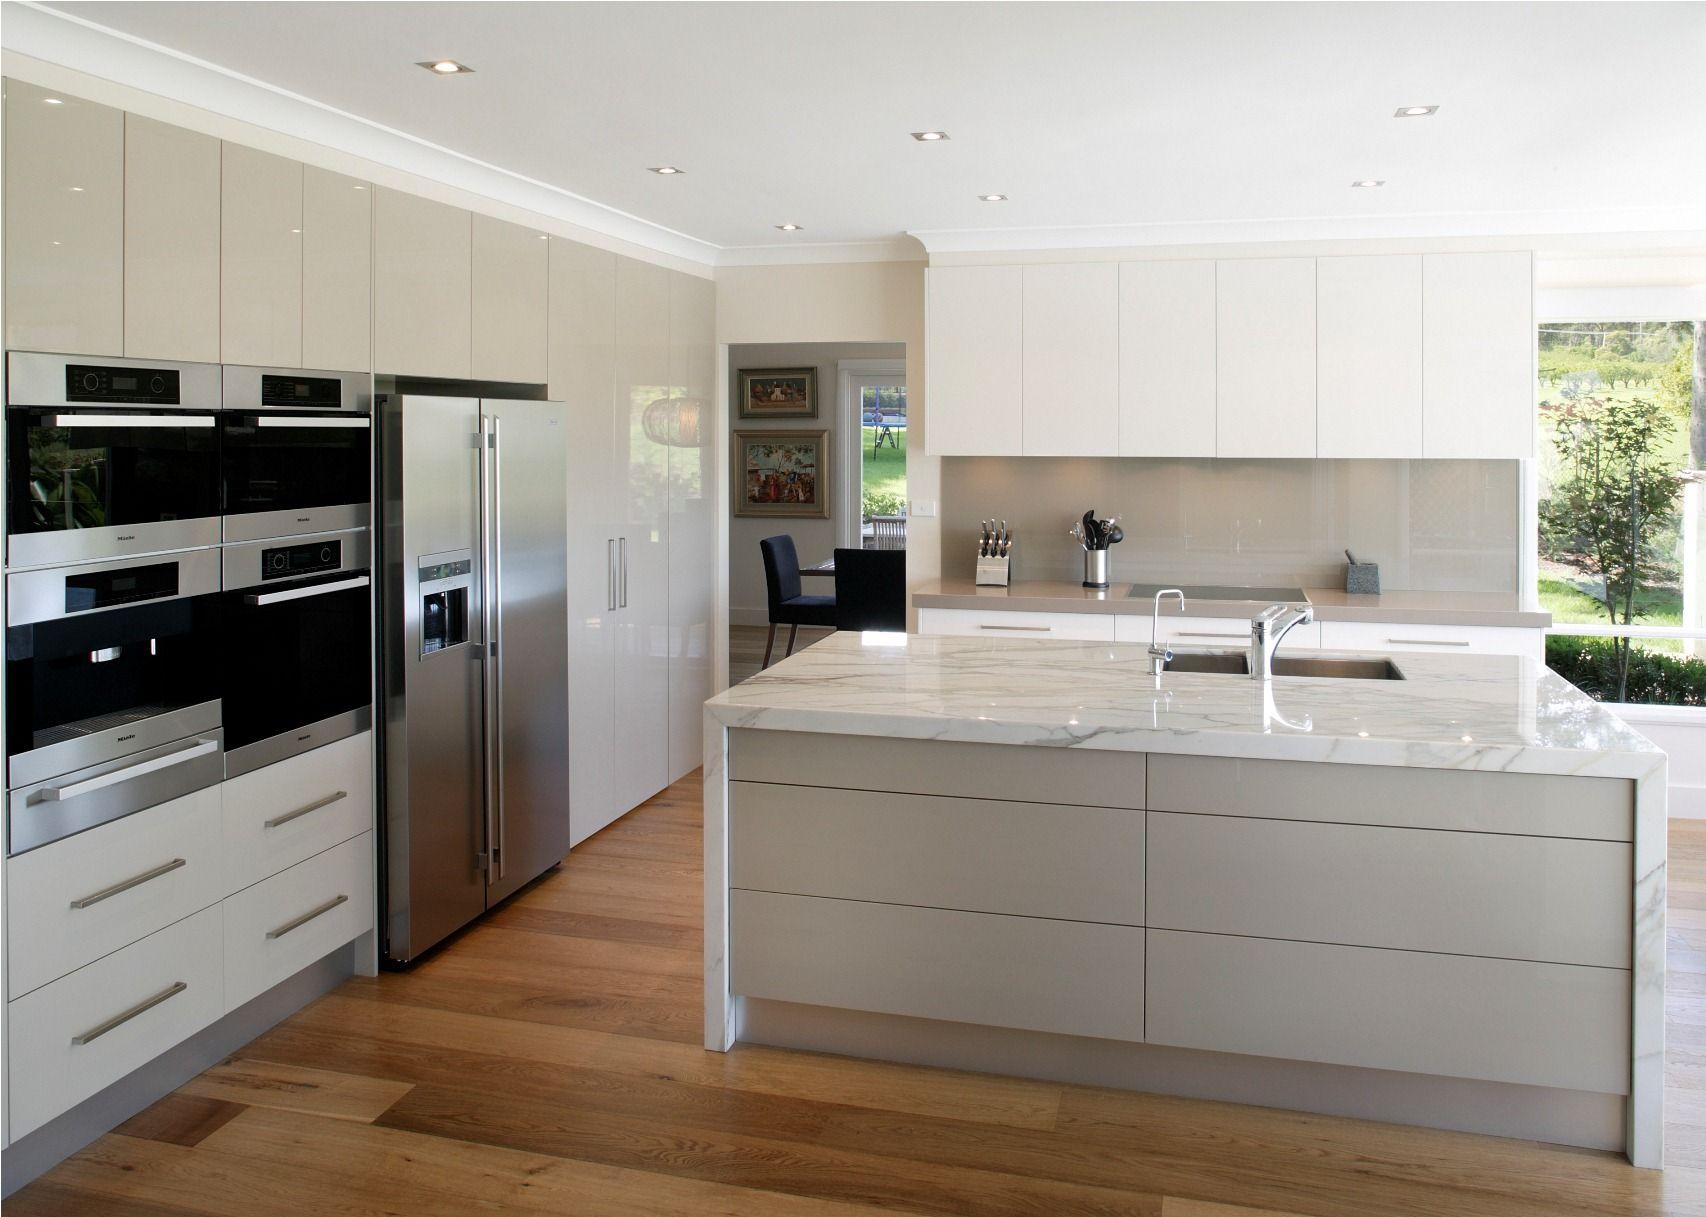 35 Modern Kitchen Design Inspiration White Modern Kitchen Contemporary Kitchen Design Best Kitchen Designs